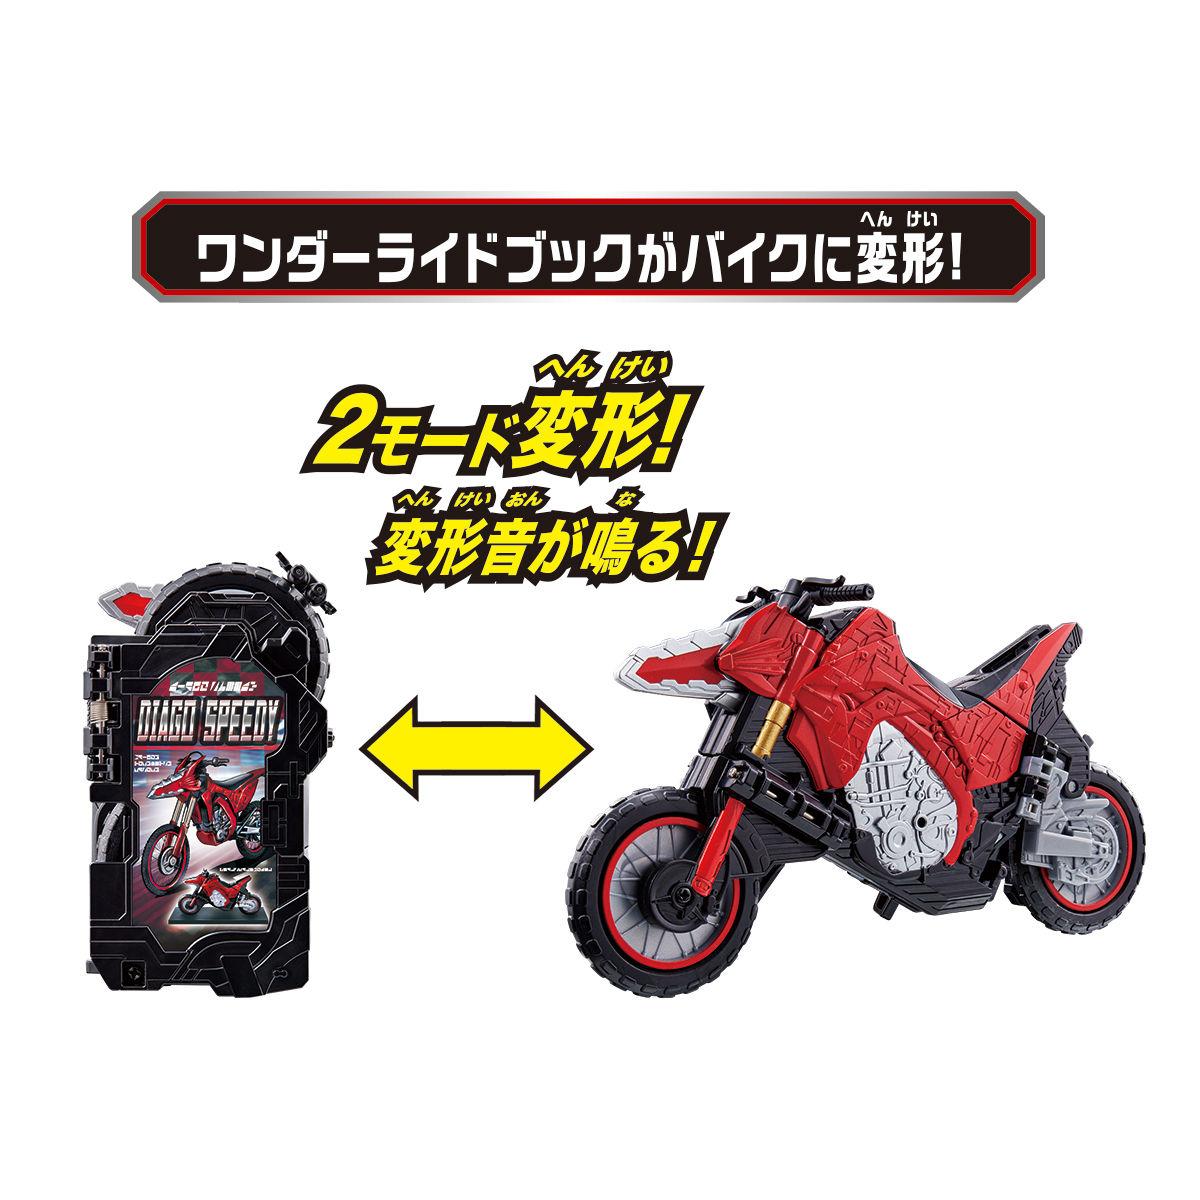 バイク変形 DXディアゴスピーディーワンダーライドブック